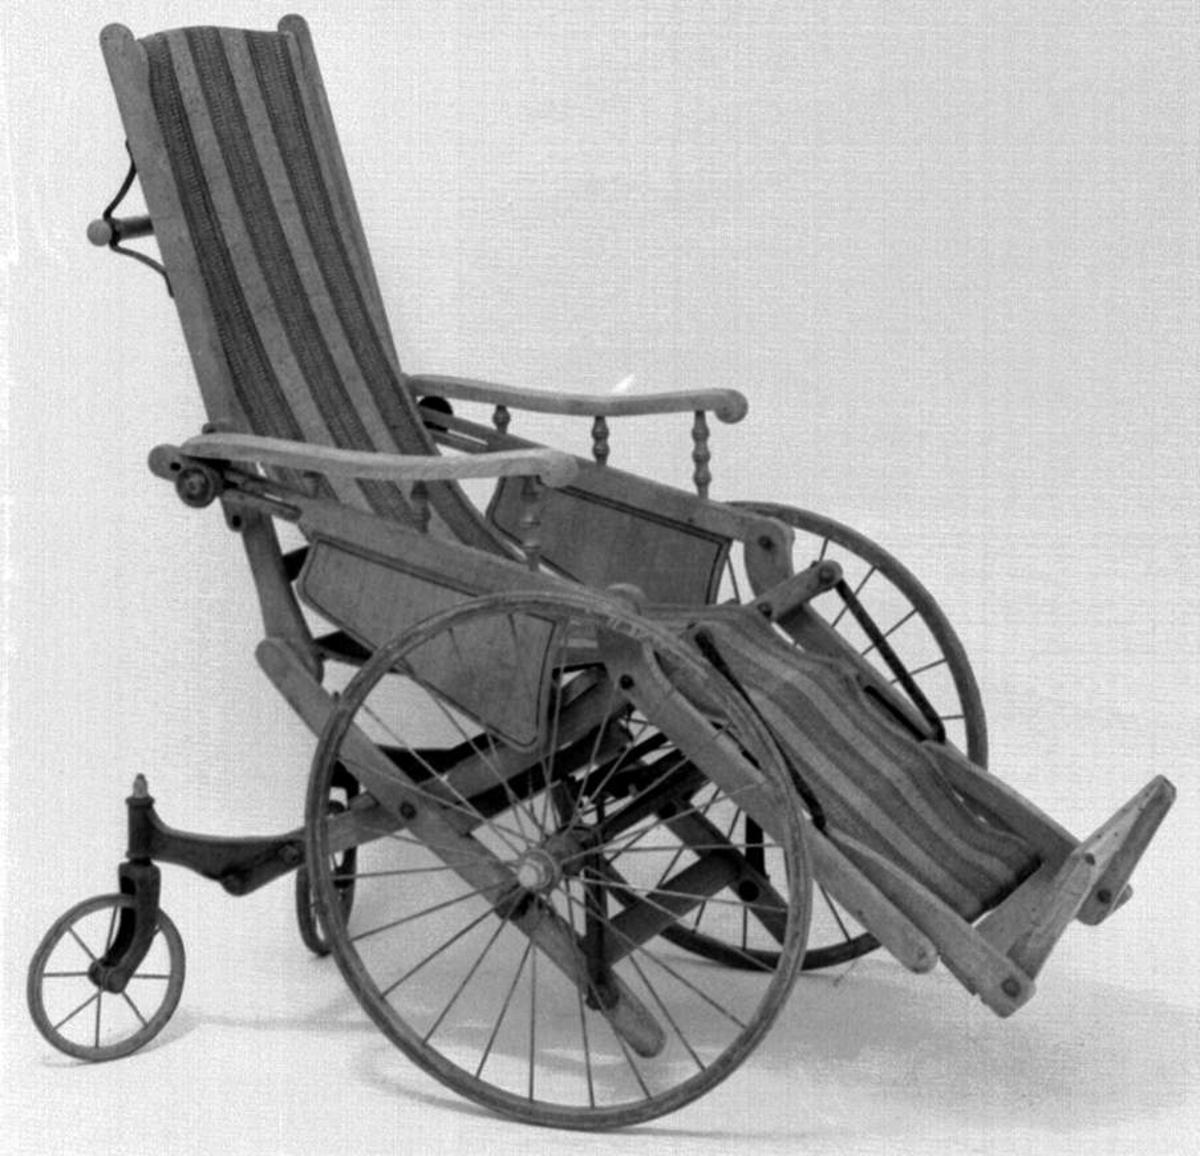 En rullestol av eik og bøk. Stolen har regulerbar ryggstøe og oppsvingbart fotbrett. Den har en strieduk i polykromet farge som er festet til fotbrettet og ryggstøe. Hjulene er forbundet med stolens treverk, og er to små og store.